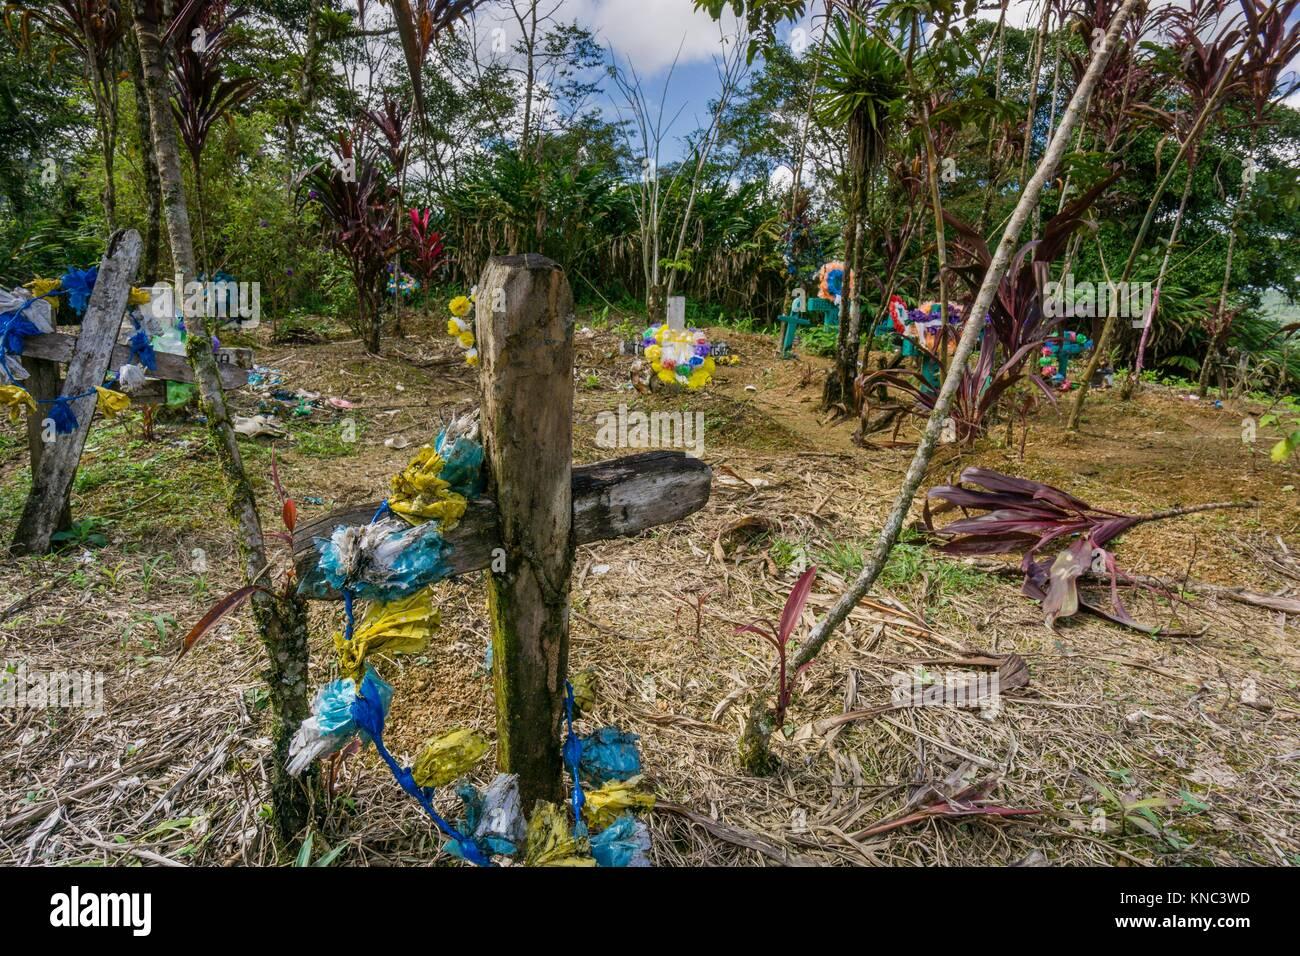 cementerio de Lancetillo, La Parroquia, zona Reyna, Quiche, Guatemala, Central America. - Stock Image